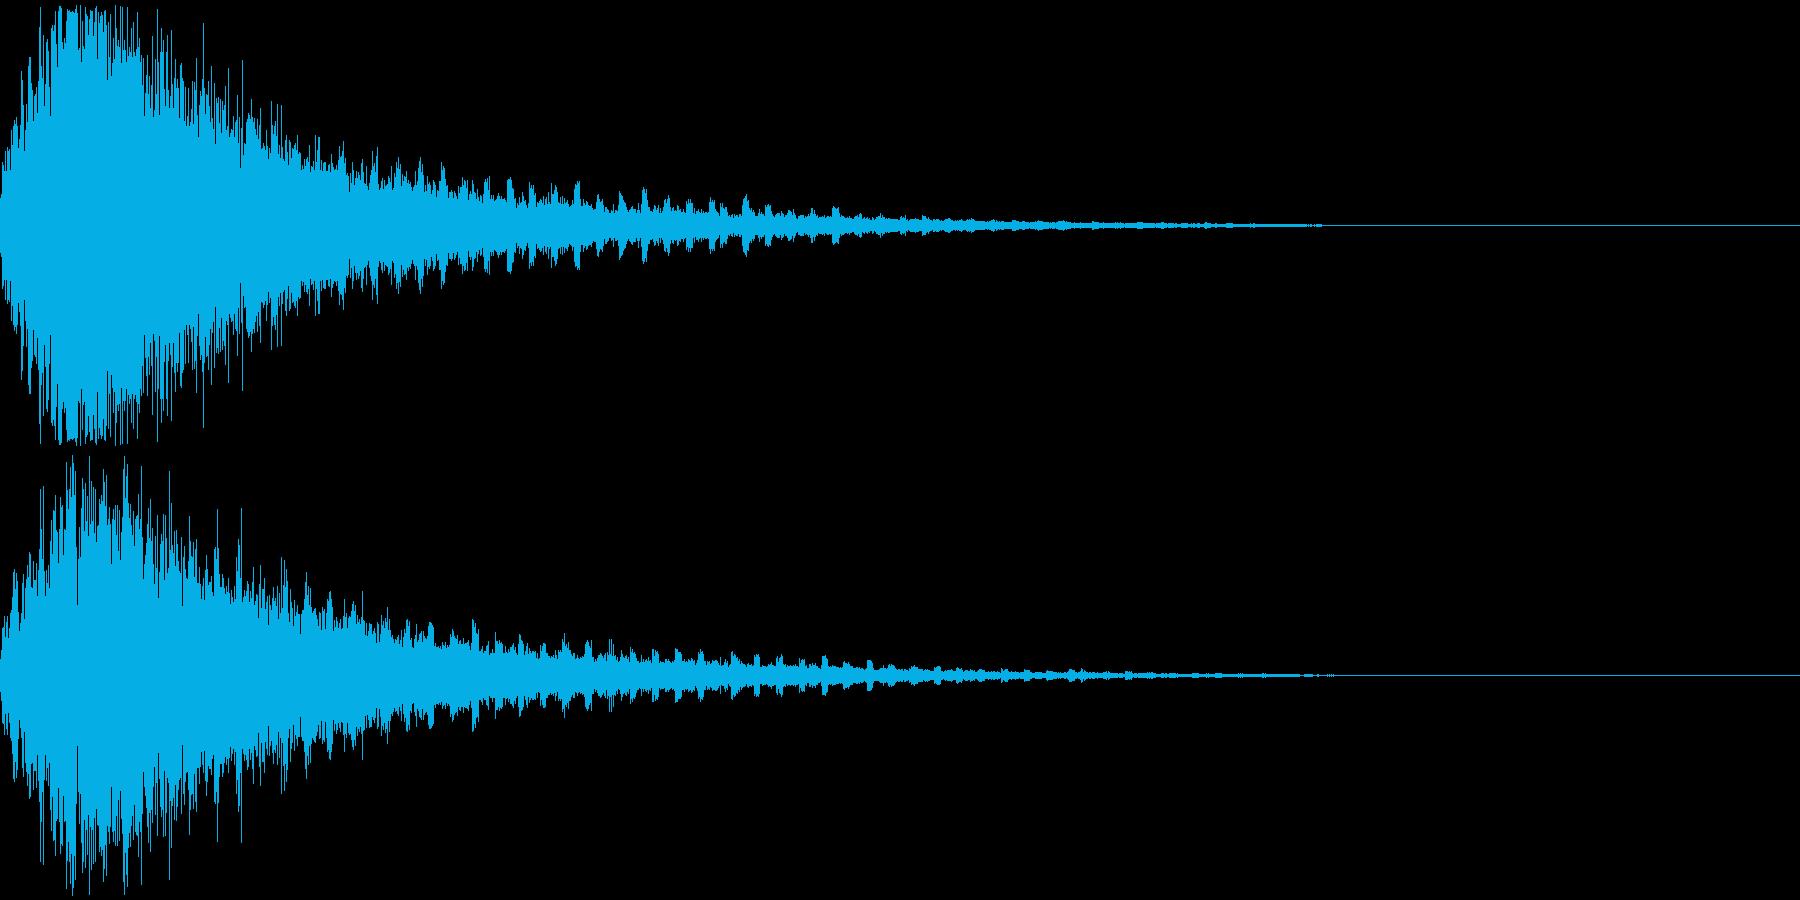 技・必殺技・魔法・シュワーンの再生済みの波形